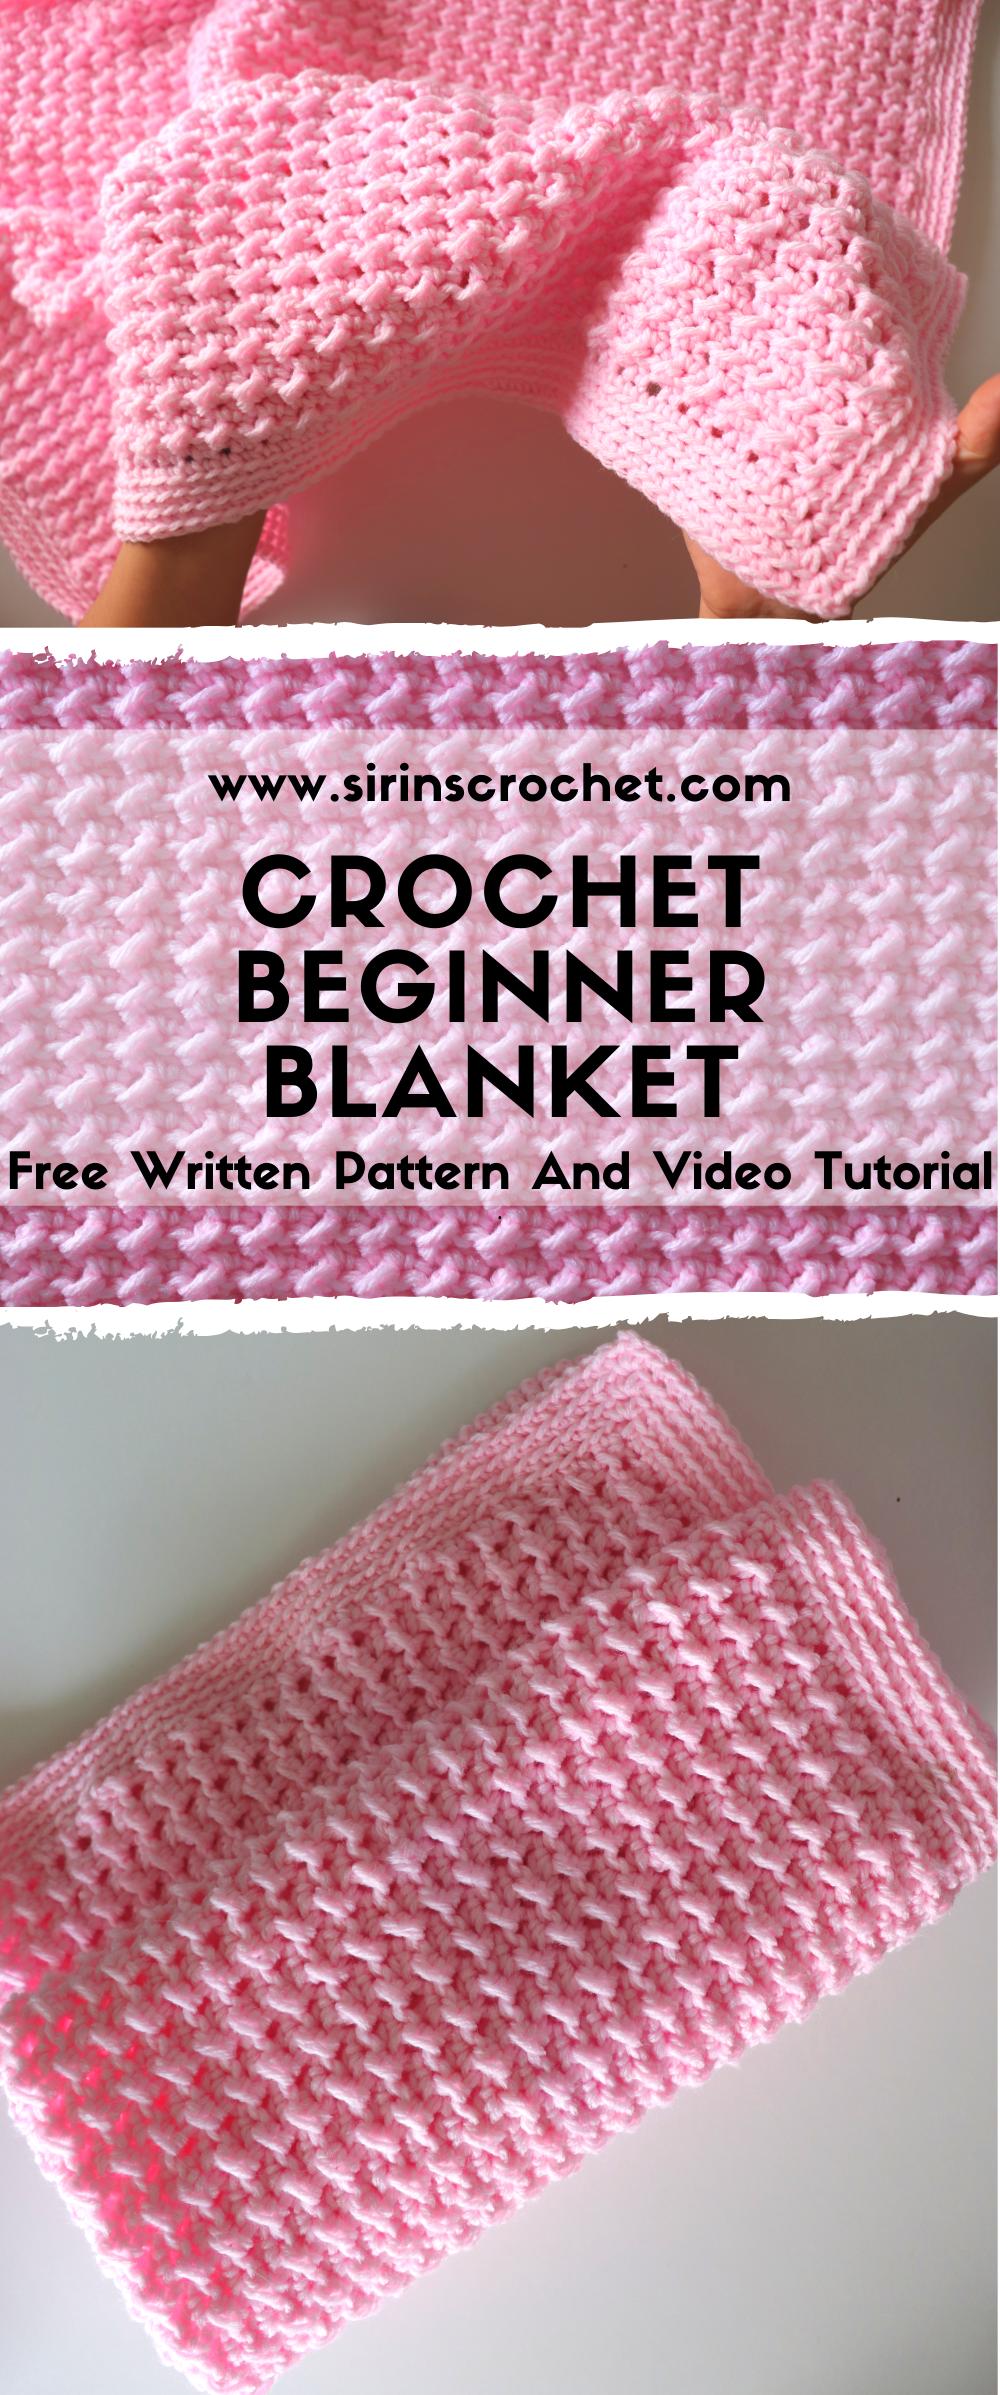 Fast And Easy Beginner Blanket Sirin S Crochet Crochet Baby Blanket Beginner Beginner Crochet Tutorial Crochet Blanket Pattern Easy